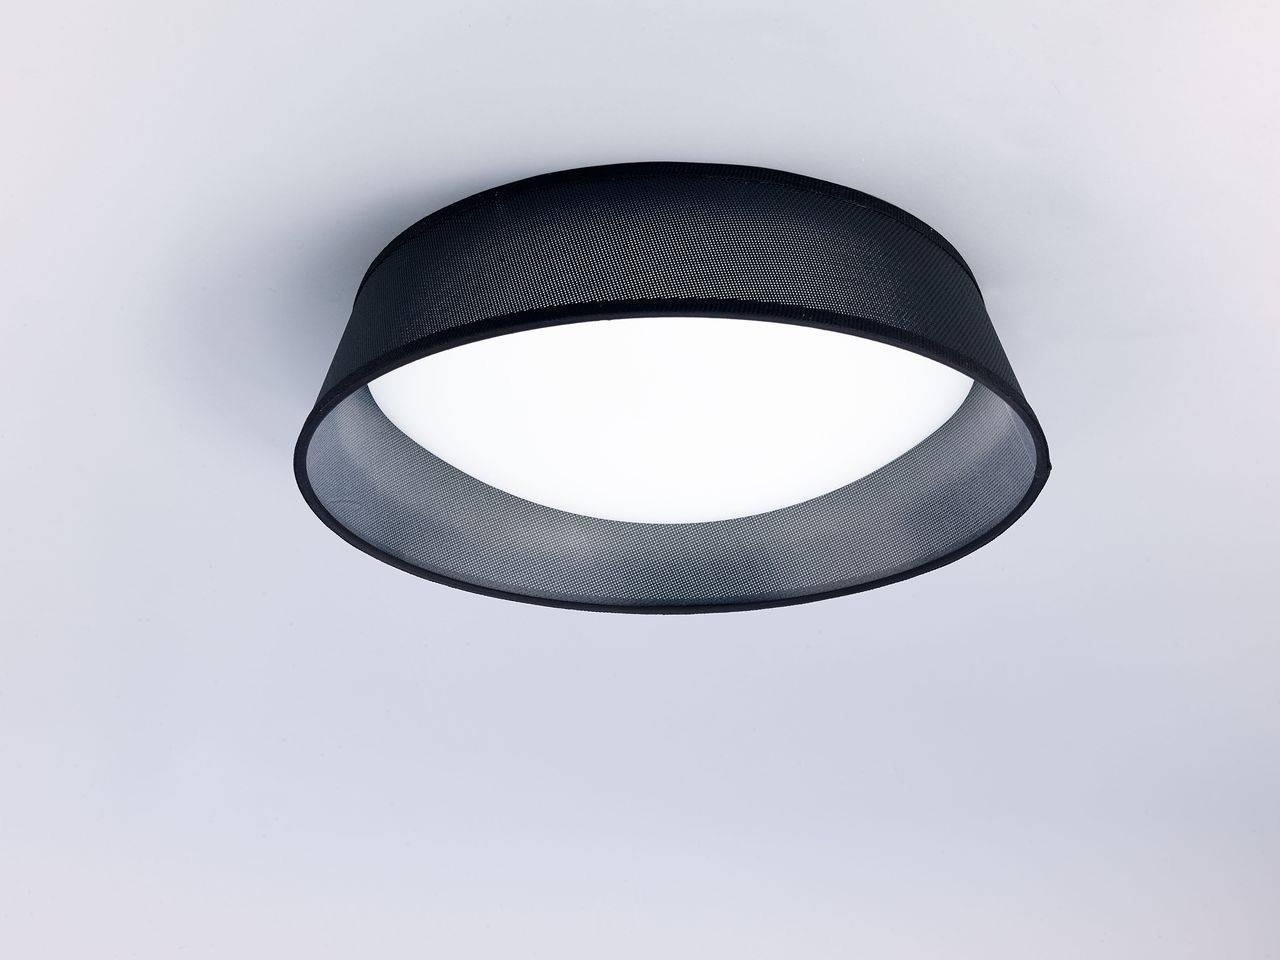 Купить Потолочный светильник Mantra Nordica в интернет магазине дизайнерской мебели и аксессуаров для дома и дачи